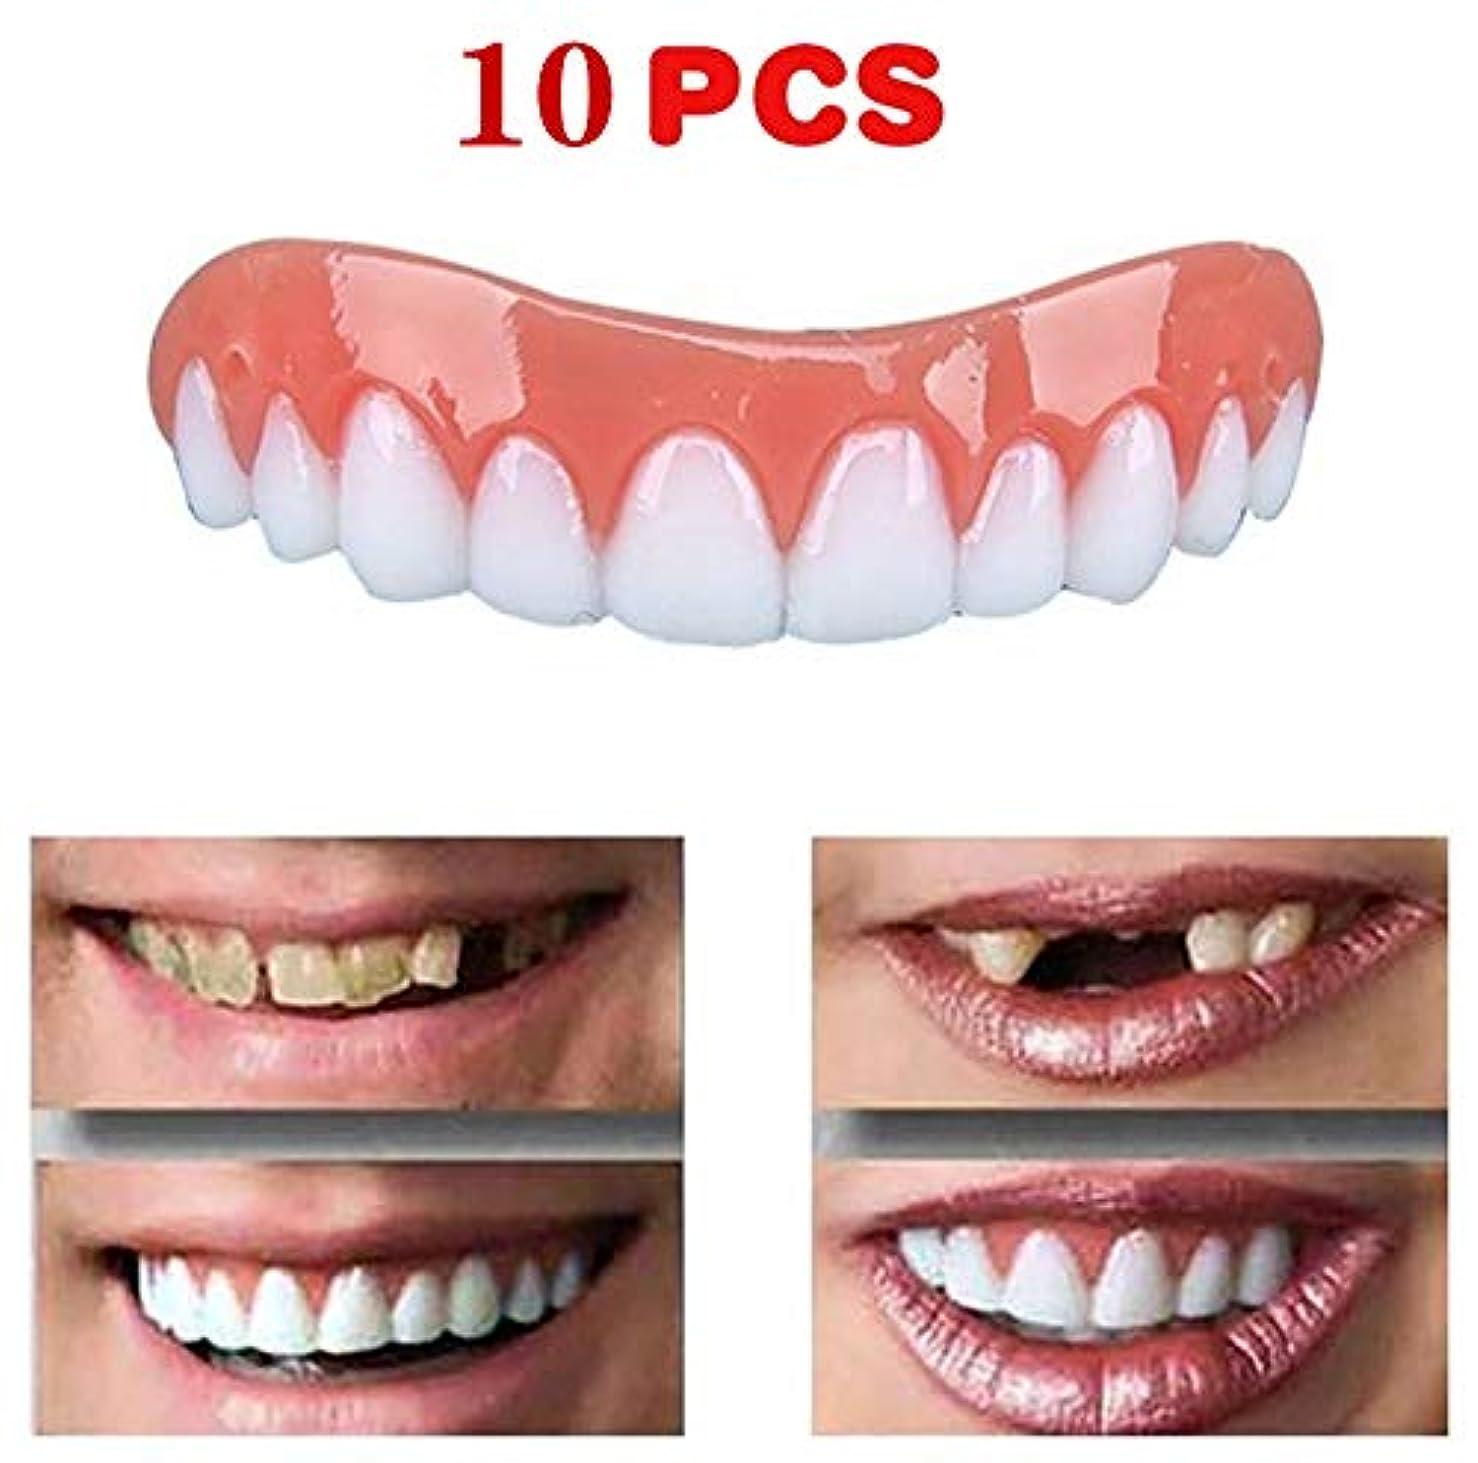 王位熱シェード新しい再利用可能な大人のスナップオンパーフェクトスマイルホワイトニング義歯フィットフレックス化粧品歯快適なベニアカバーデンタルケアアクセサリー